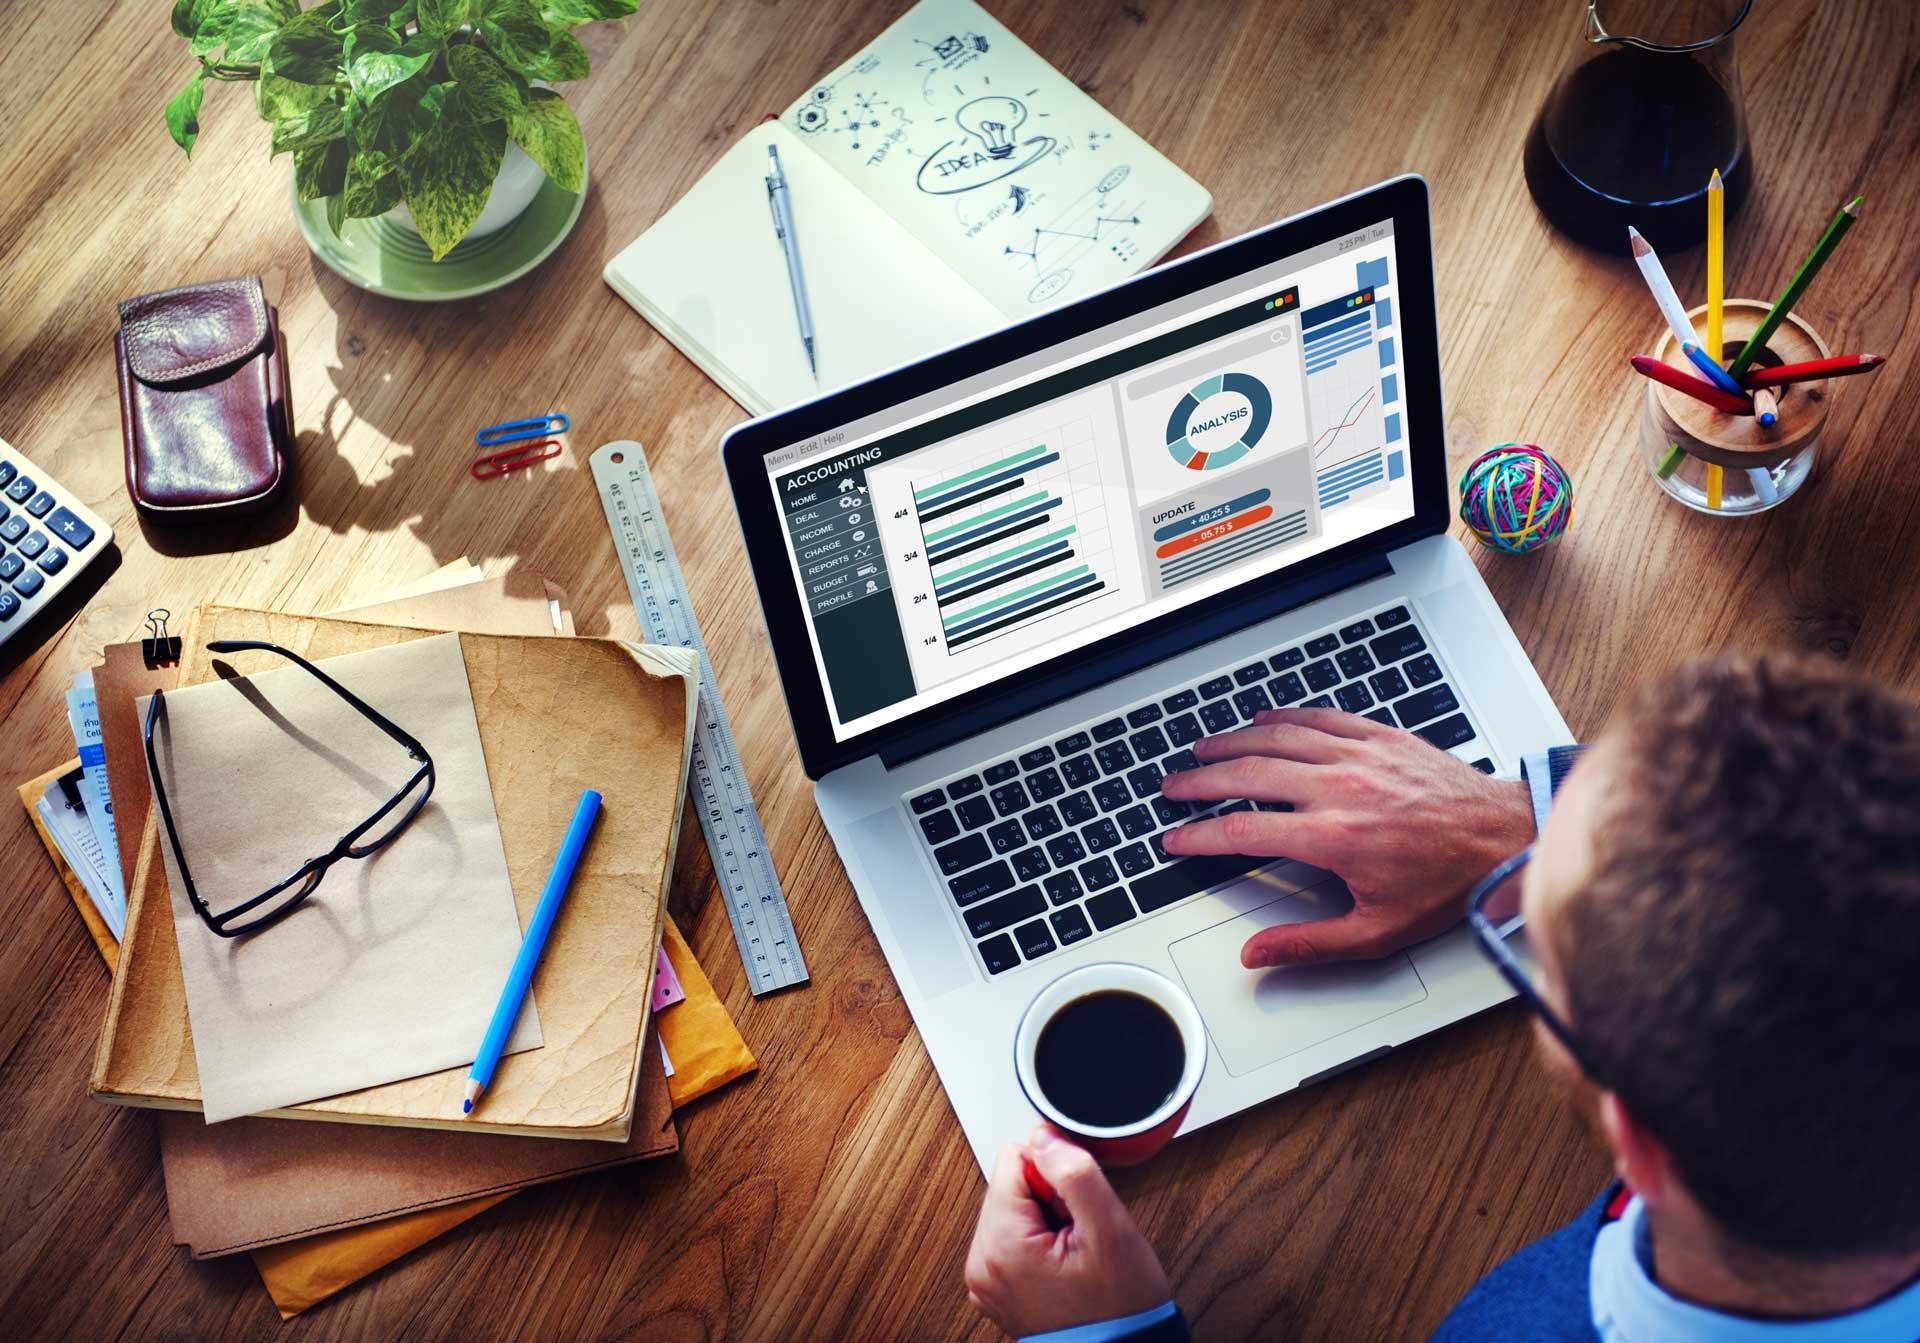 طراحی نرم افزار حسابداری یکپارچه پندار سیستم